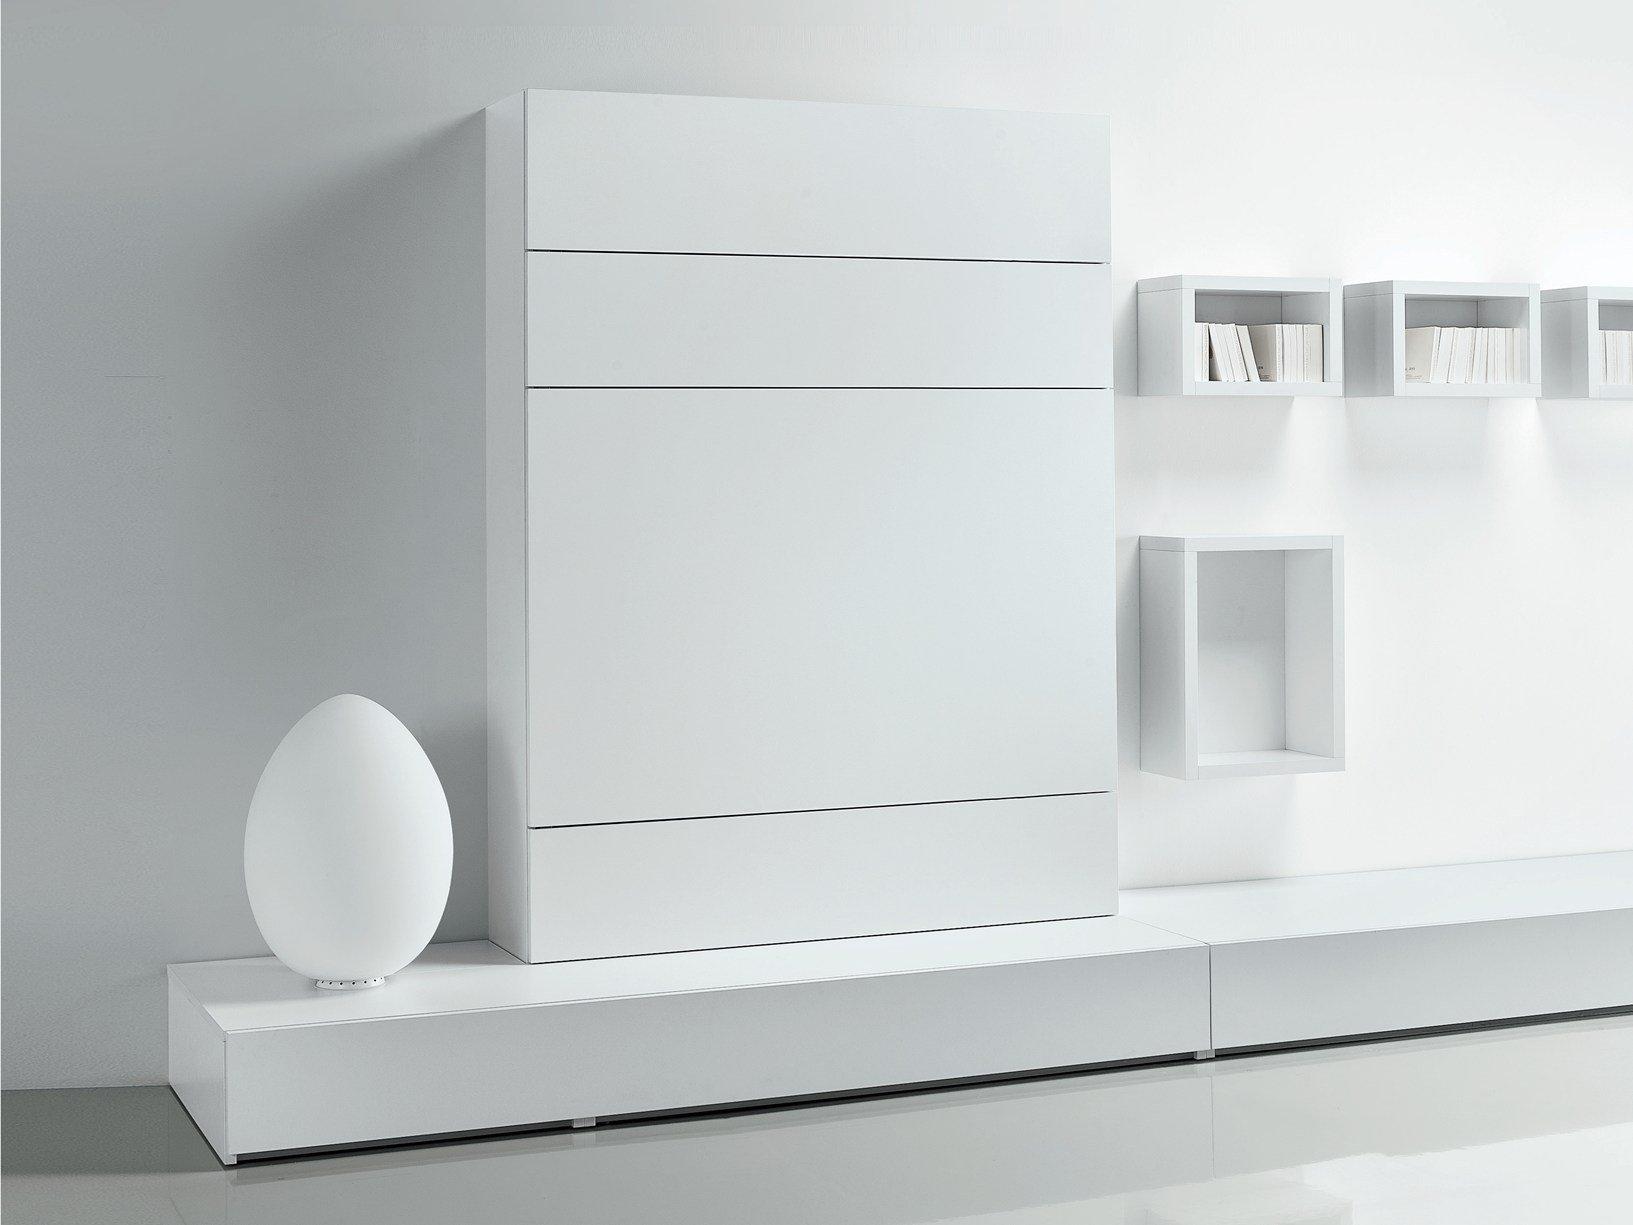 Le soluzioni trasformabili di erba mobili ai saloni 2013 for Consegna di mobili di design